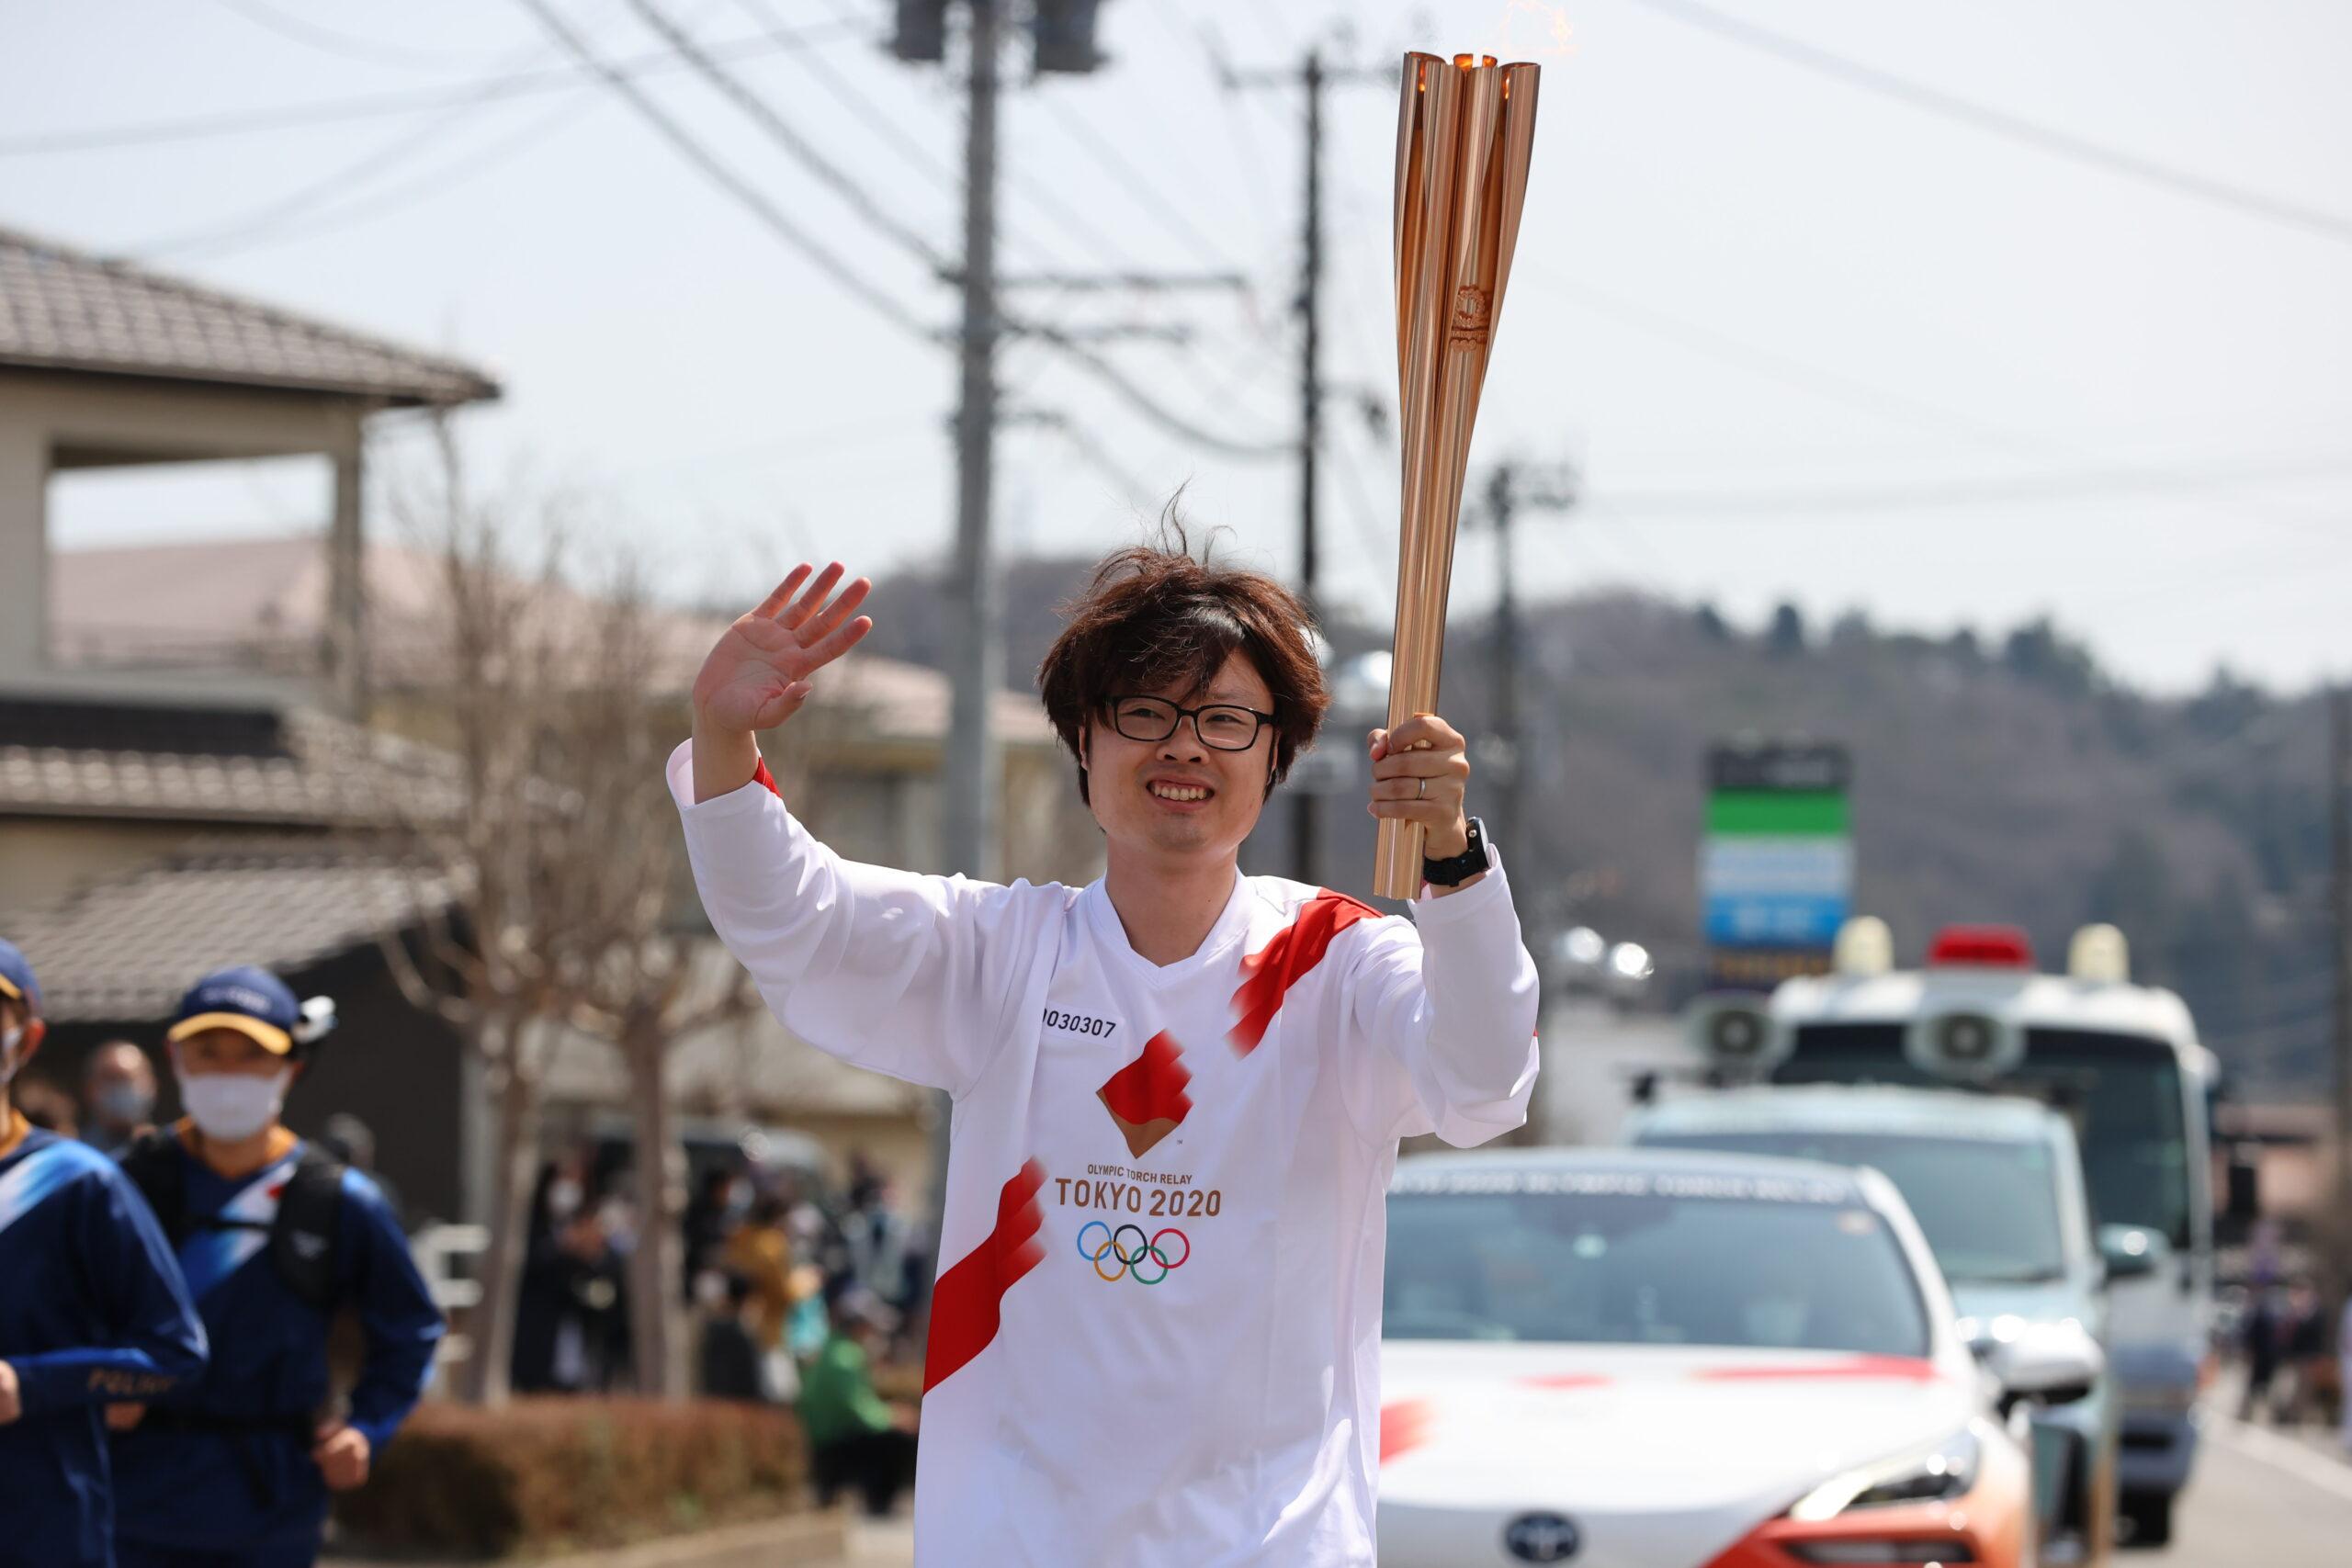 藤田敦史氏、柏原竜二氏が地元・福島で東京五輪聖火リレーランナー務める